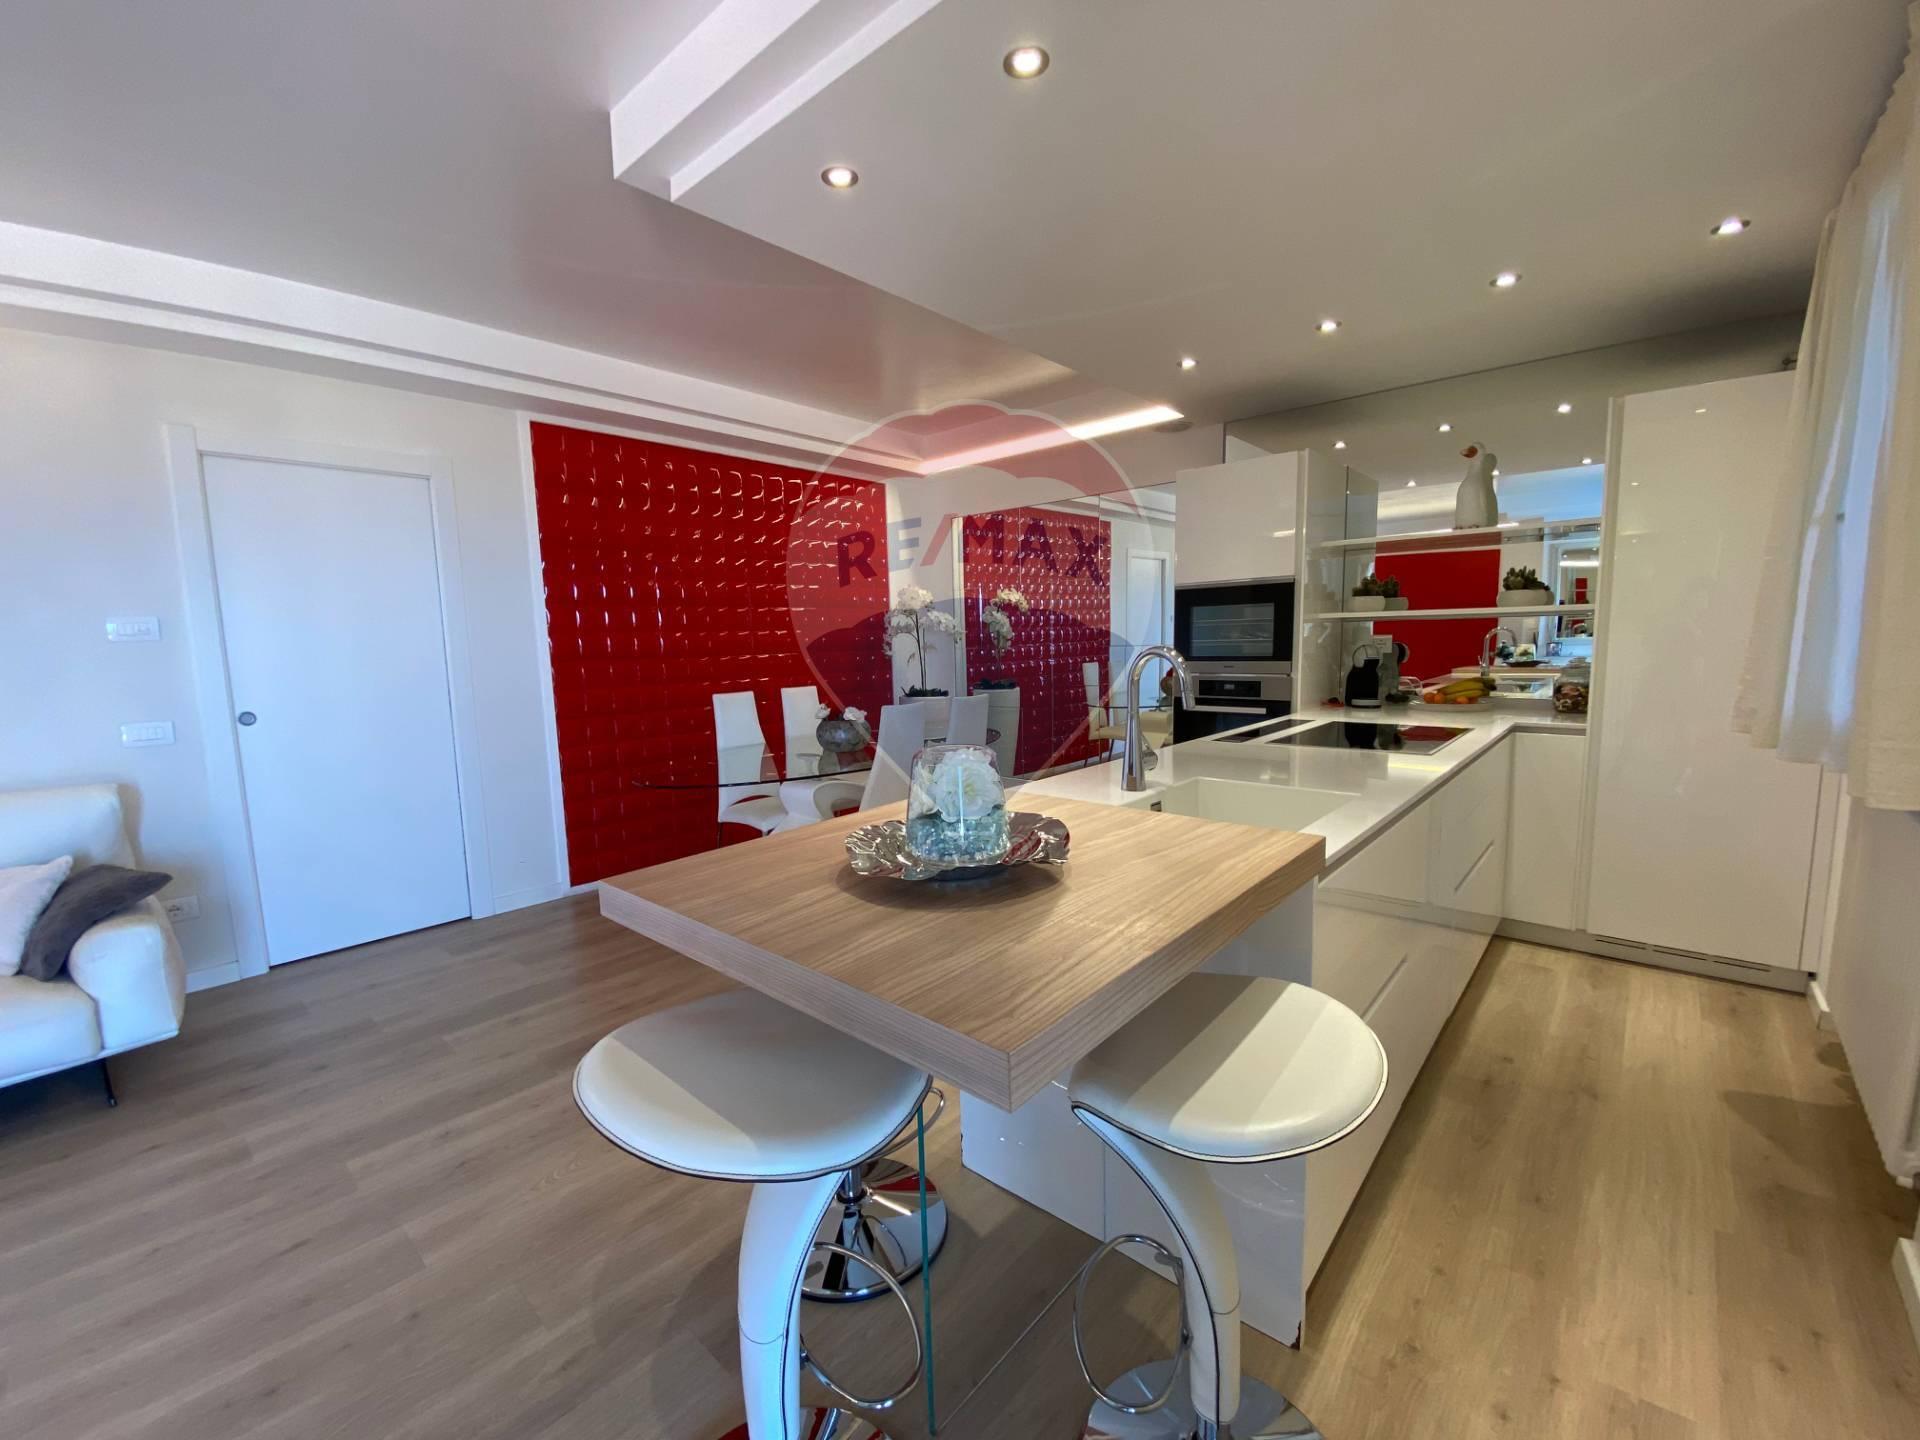 Appartamento in vendita a Polpenazze del Garda, 3 locali, prezzo € 330.000 | CambioCasa.it